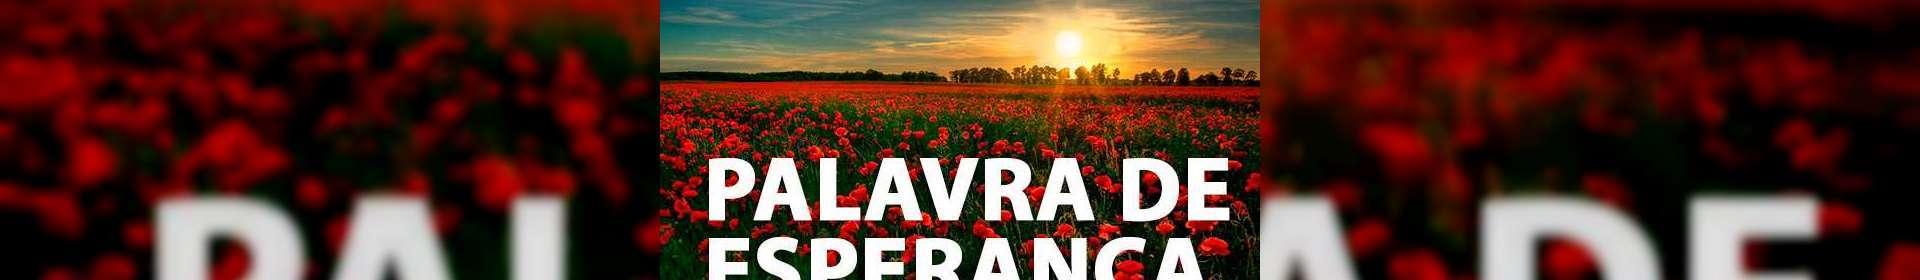 Apocalipse 2:17 - Uma Palavra de Esperança para sua vida